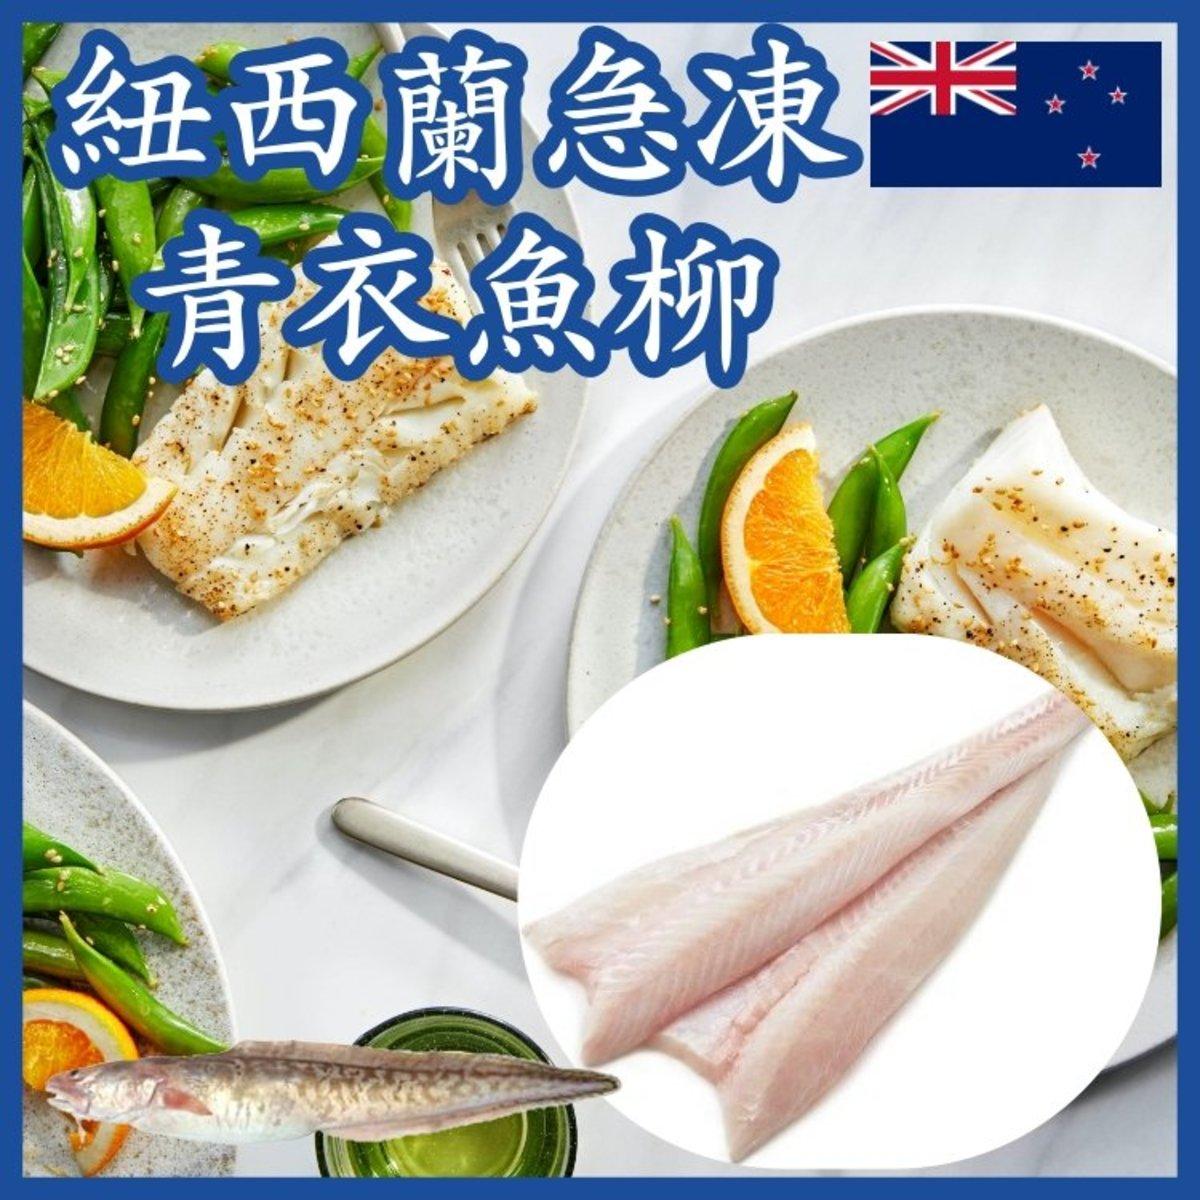 紐西蘭深海急凍青衣魚柳,無骨無皮,肉質結實